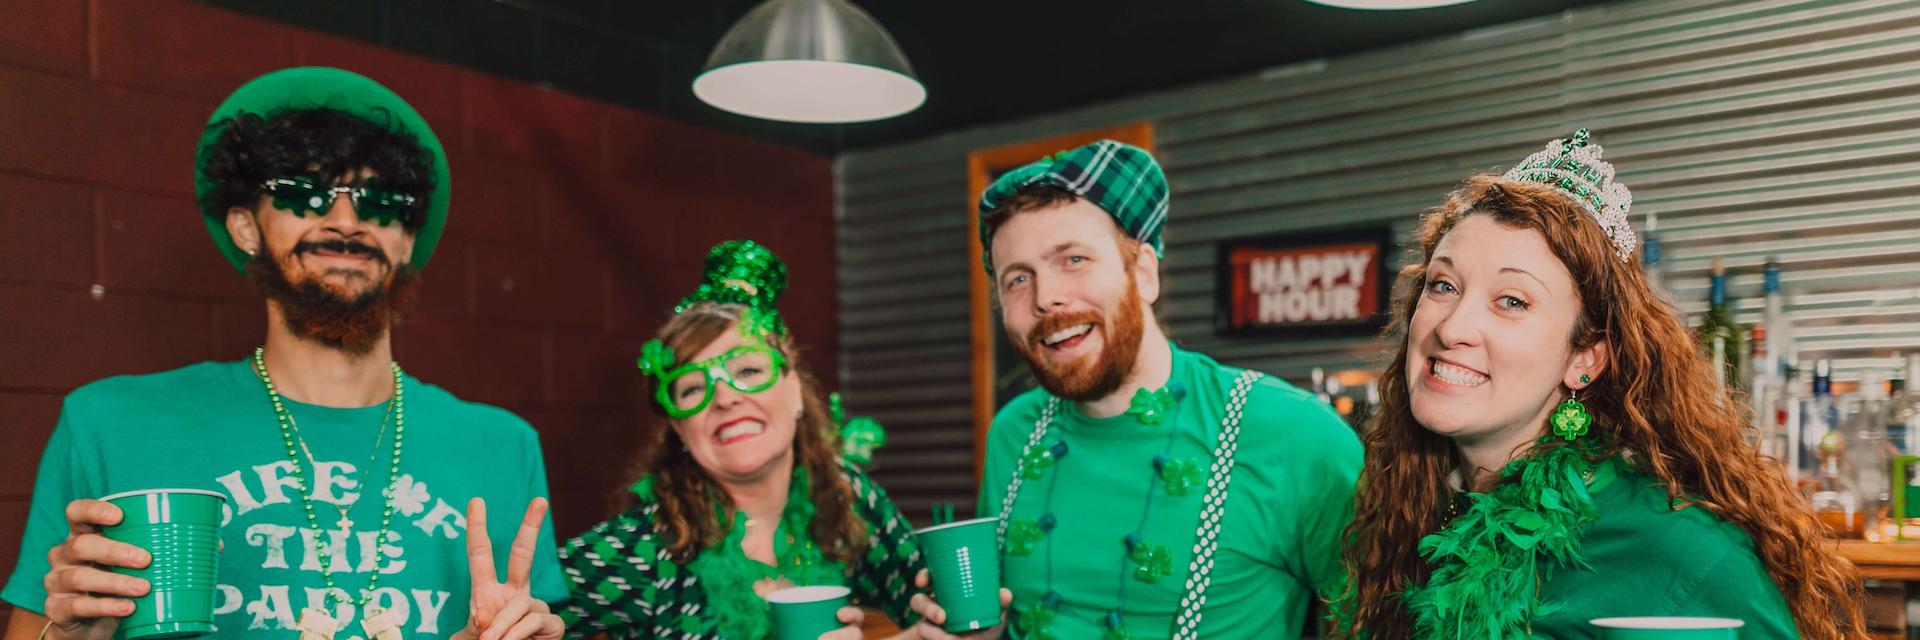 How To Celebrate St. Patricks Day in 2021